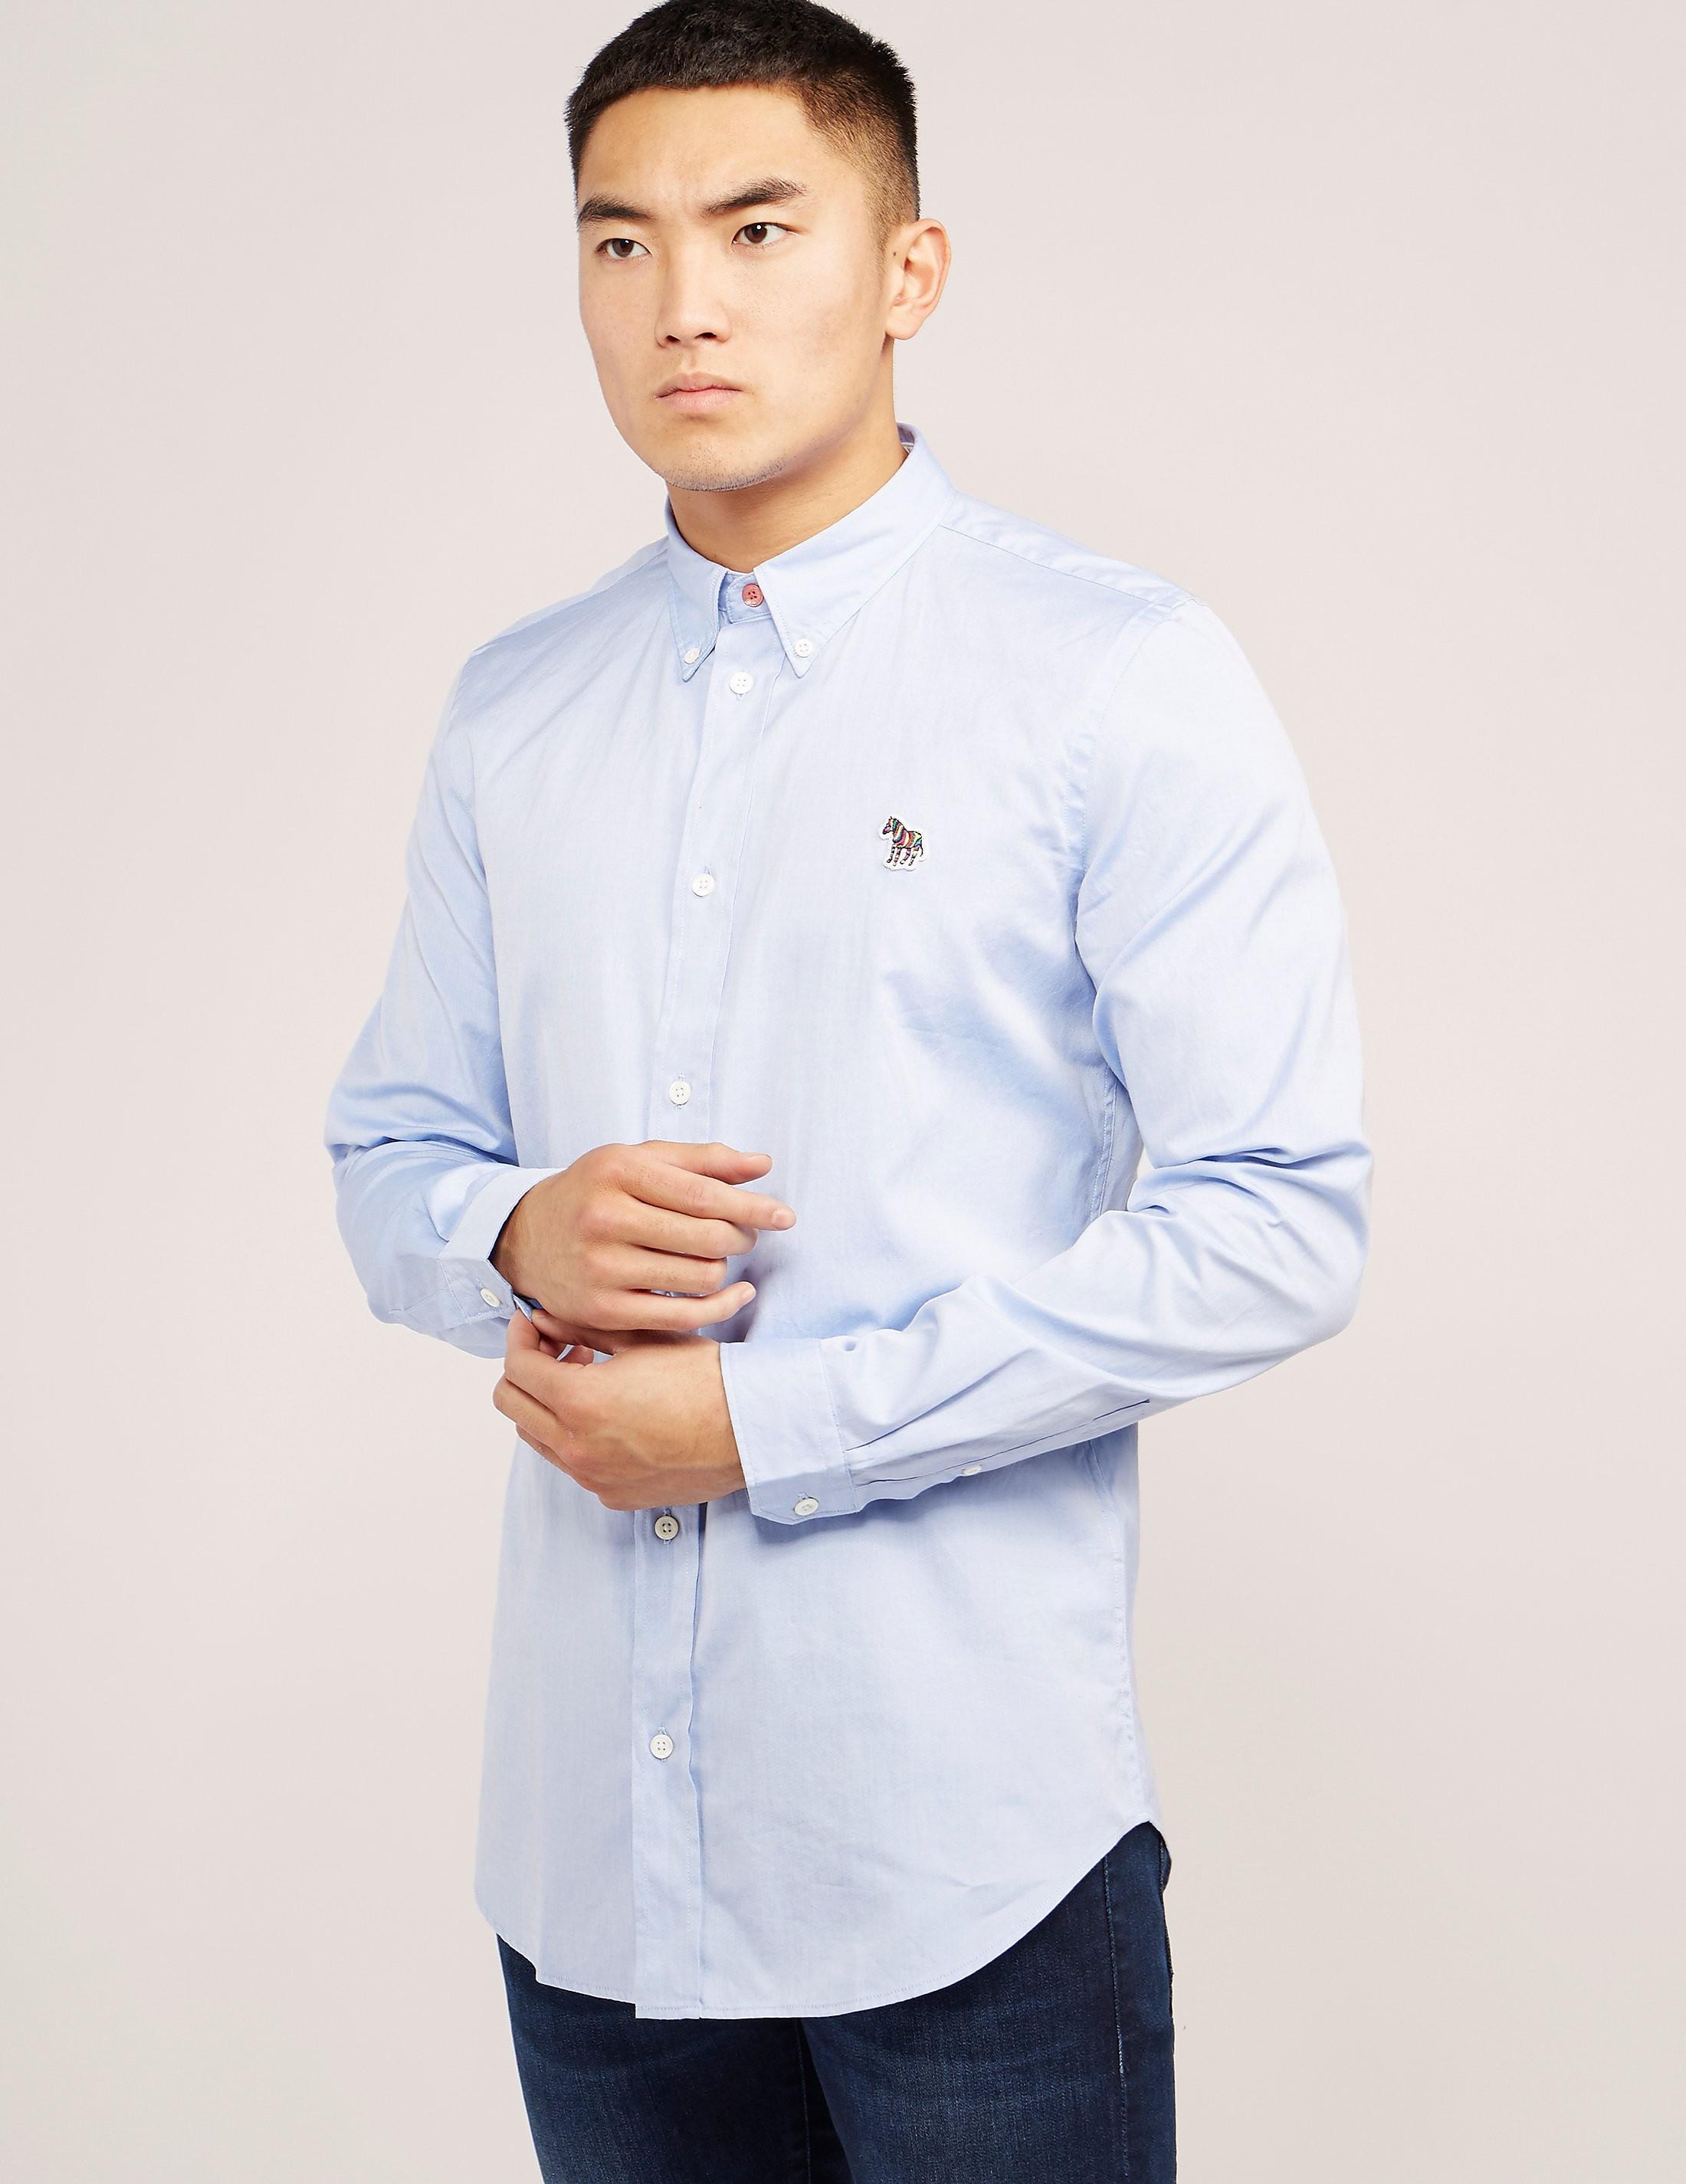 Paul Smith Oxford Long Sleeve Shirt